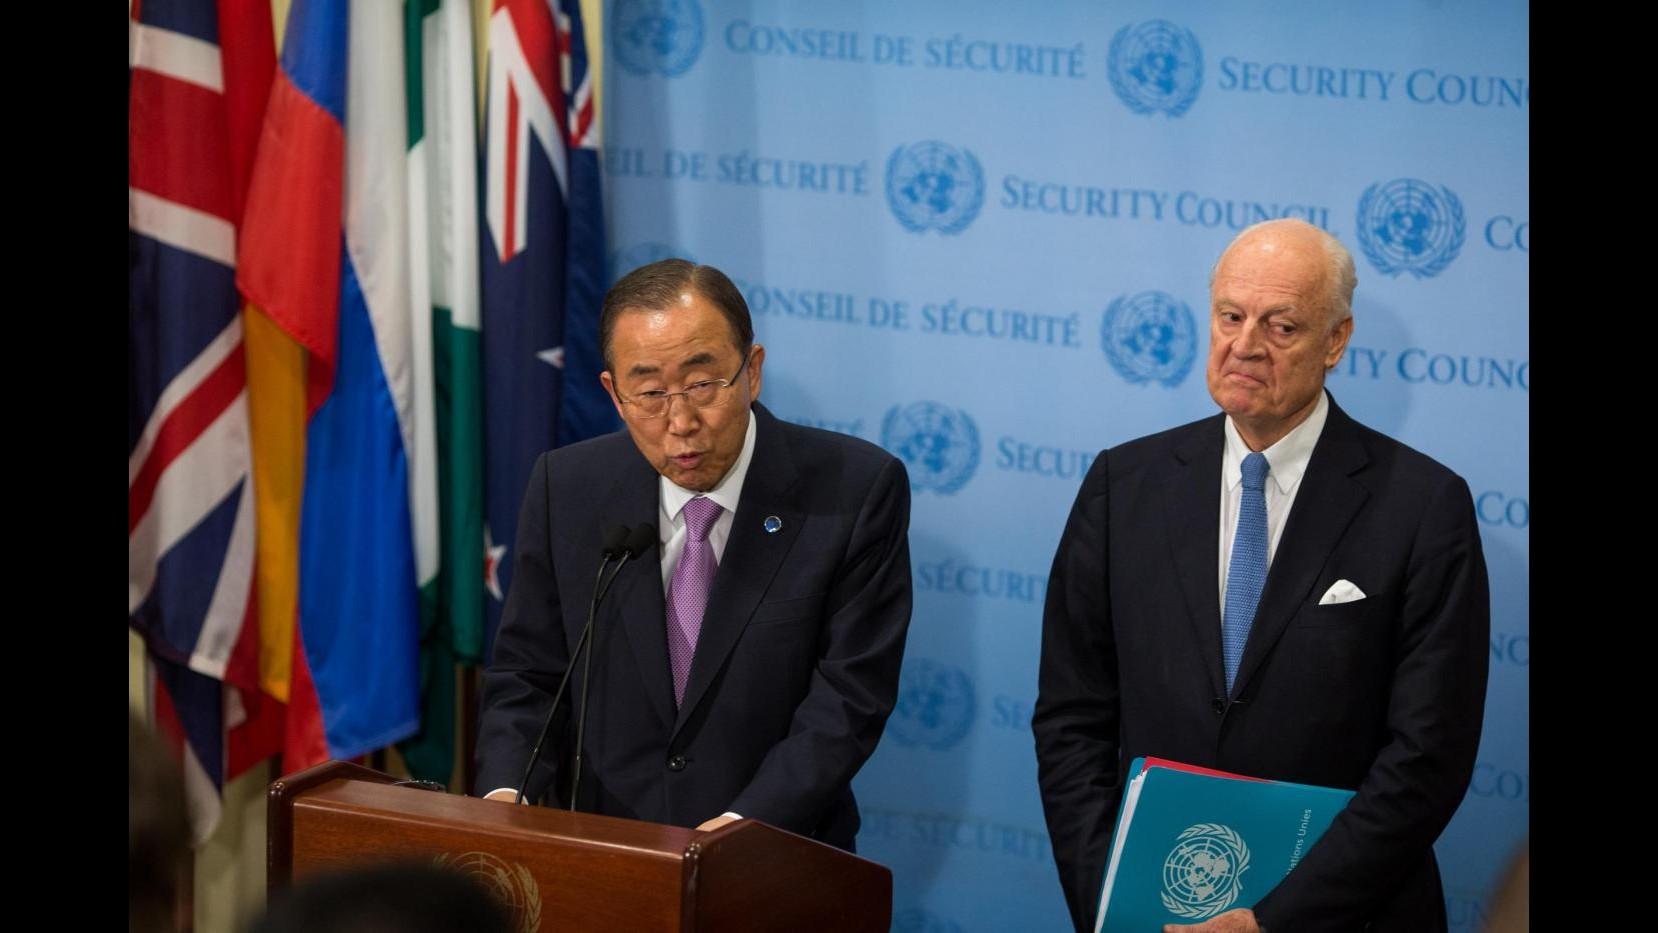 Onu, raggiunto l'accordo sull'agenda di sviluppo sostenibile post 2015